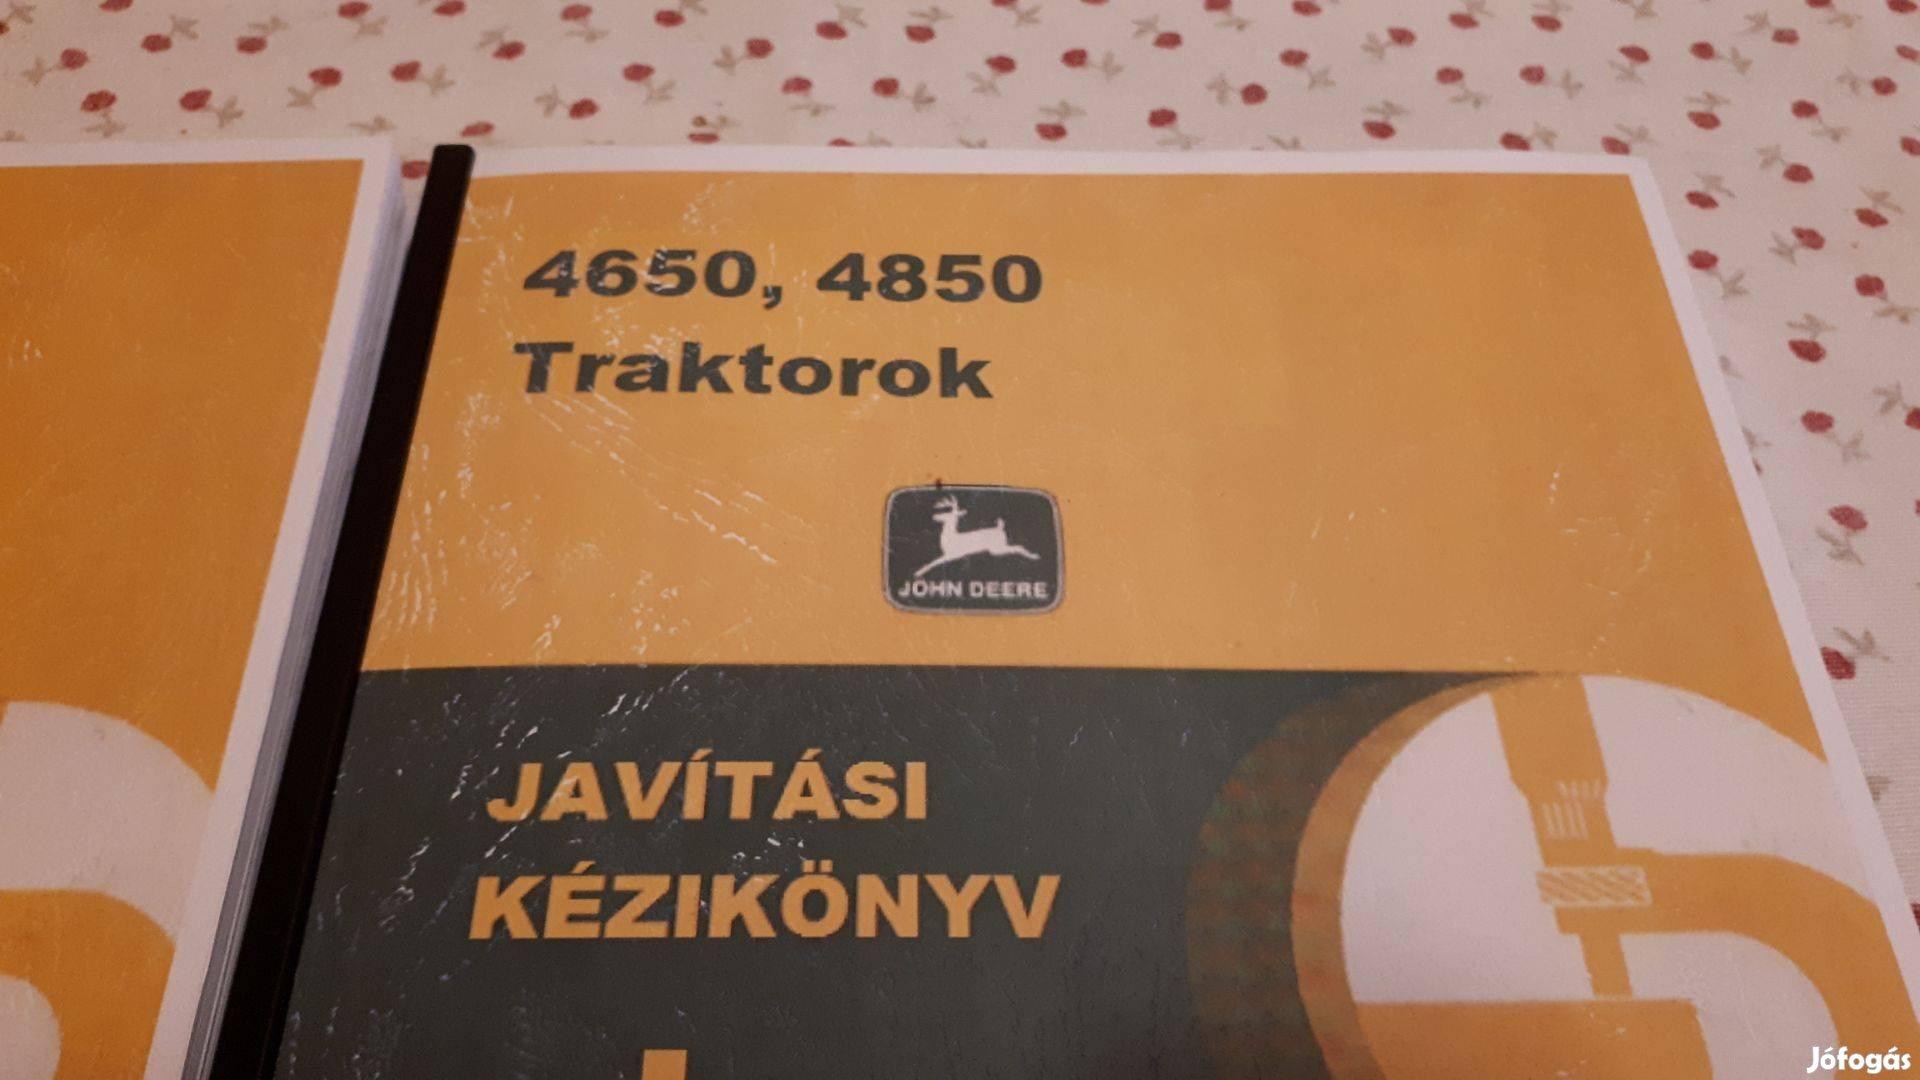 John Deere 4650, 4850 javítási kézikönyv